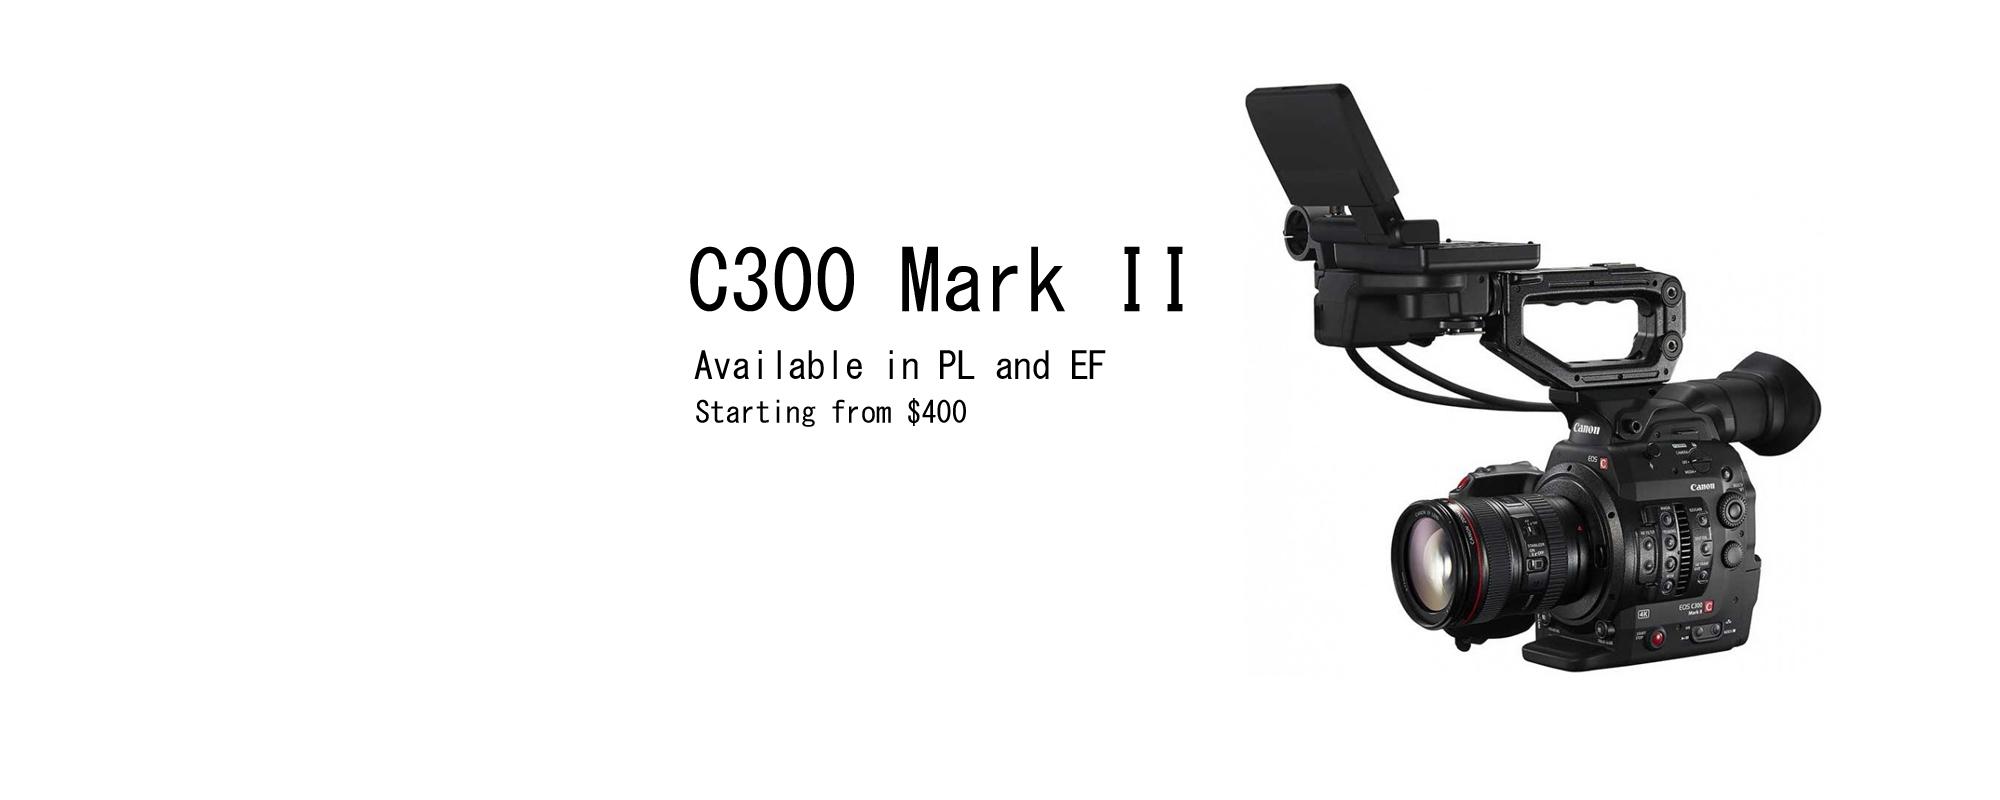 C300 Mark II rentals toronto